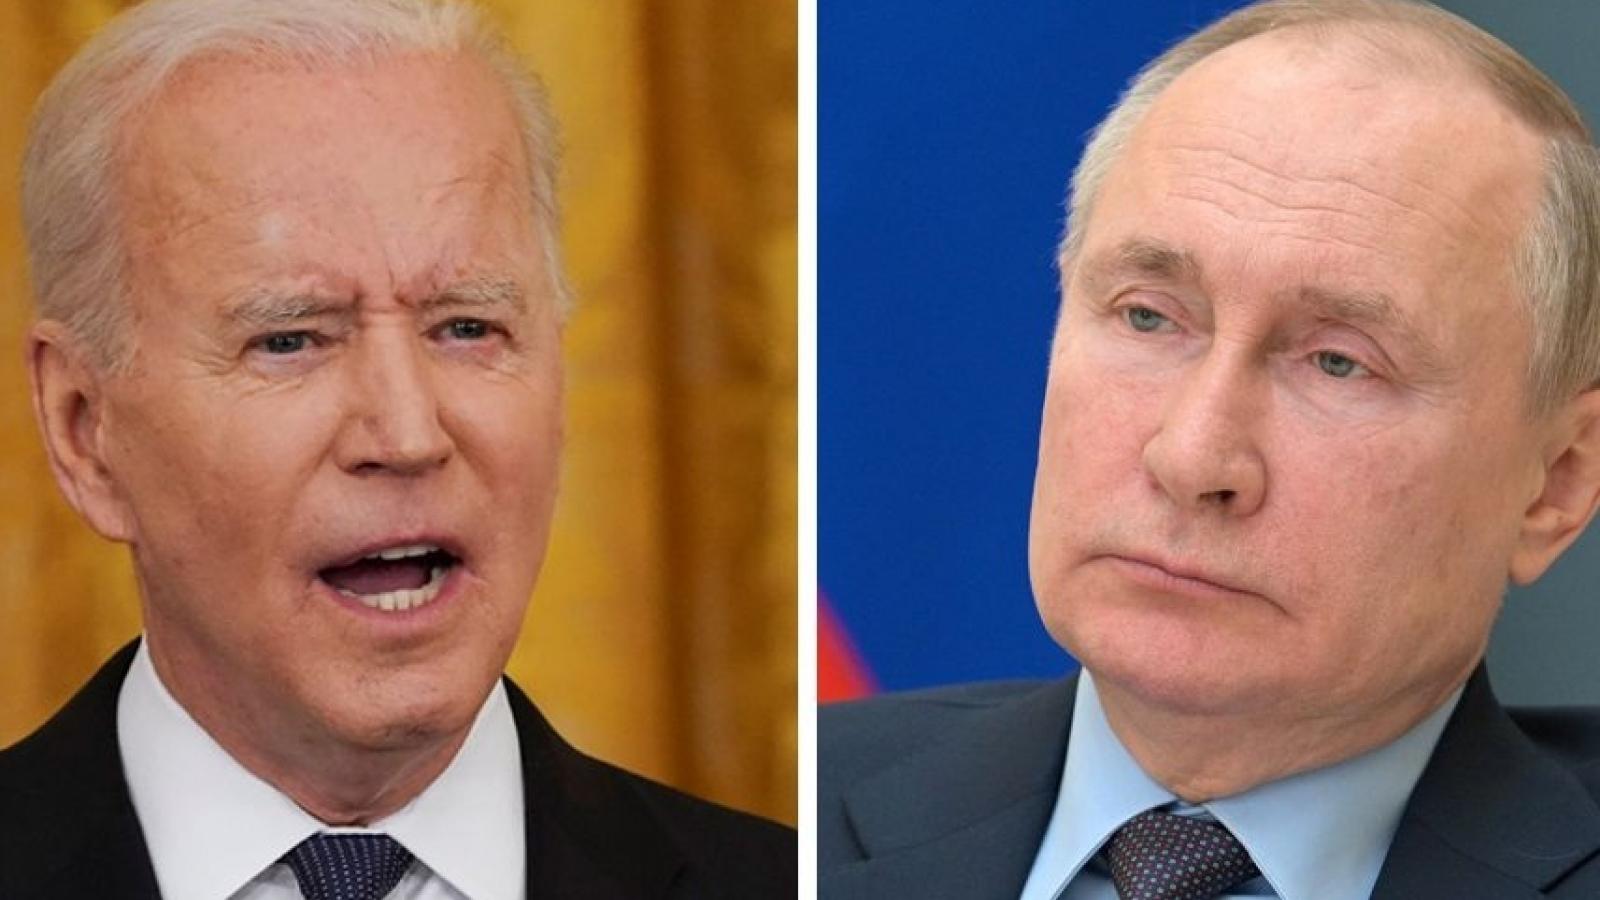 Tổng thống Mỹ Biden nên làm gì để Thượng đỉnh Mỹ-Nga đạt được thực chất?